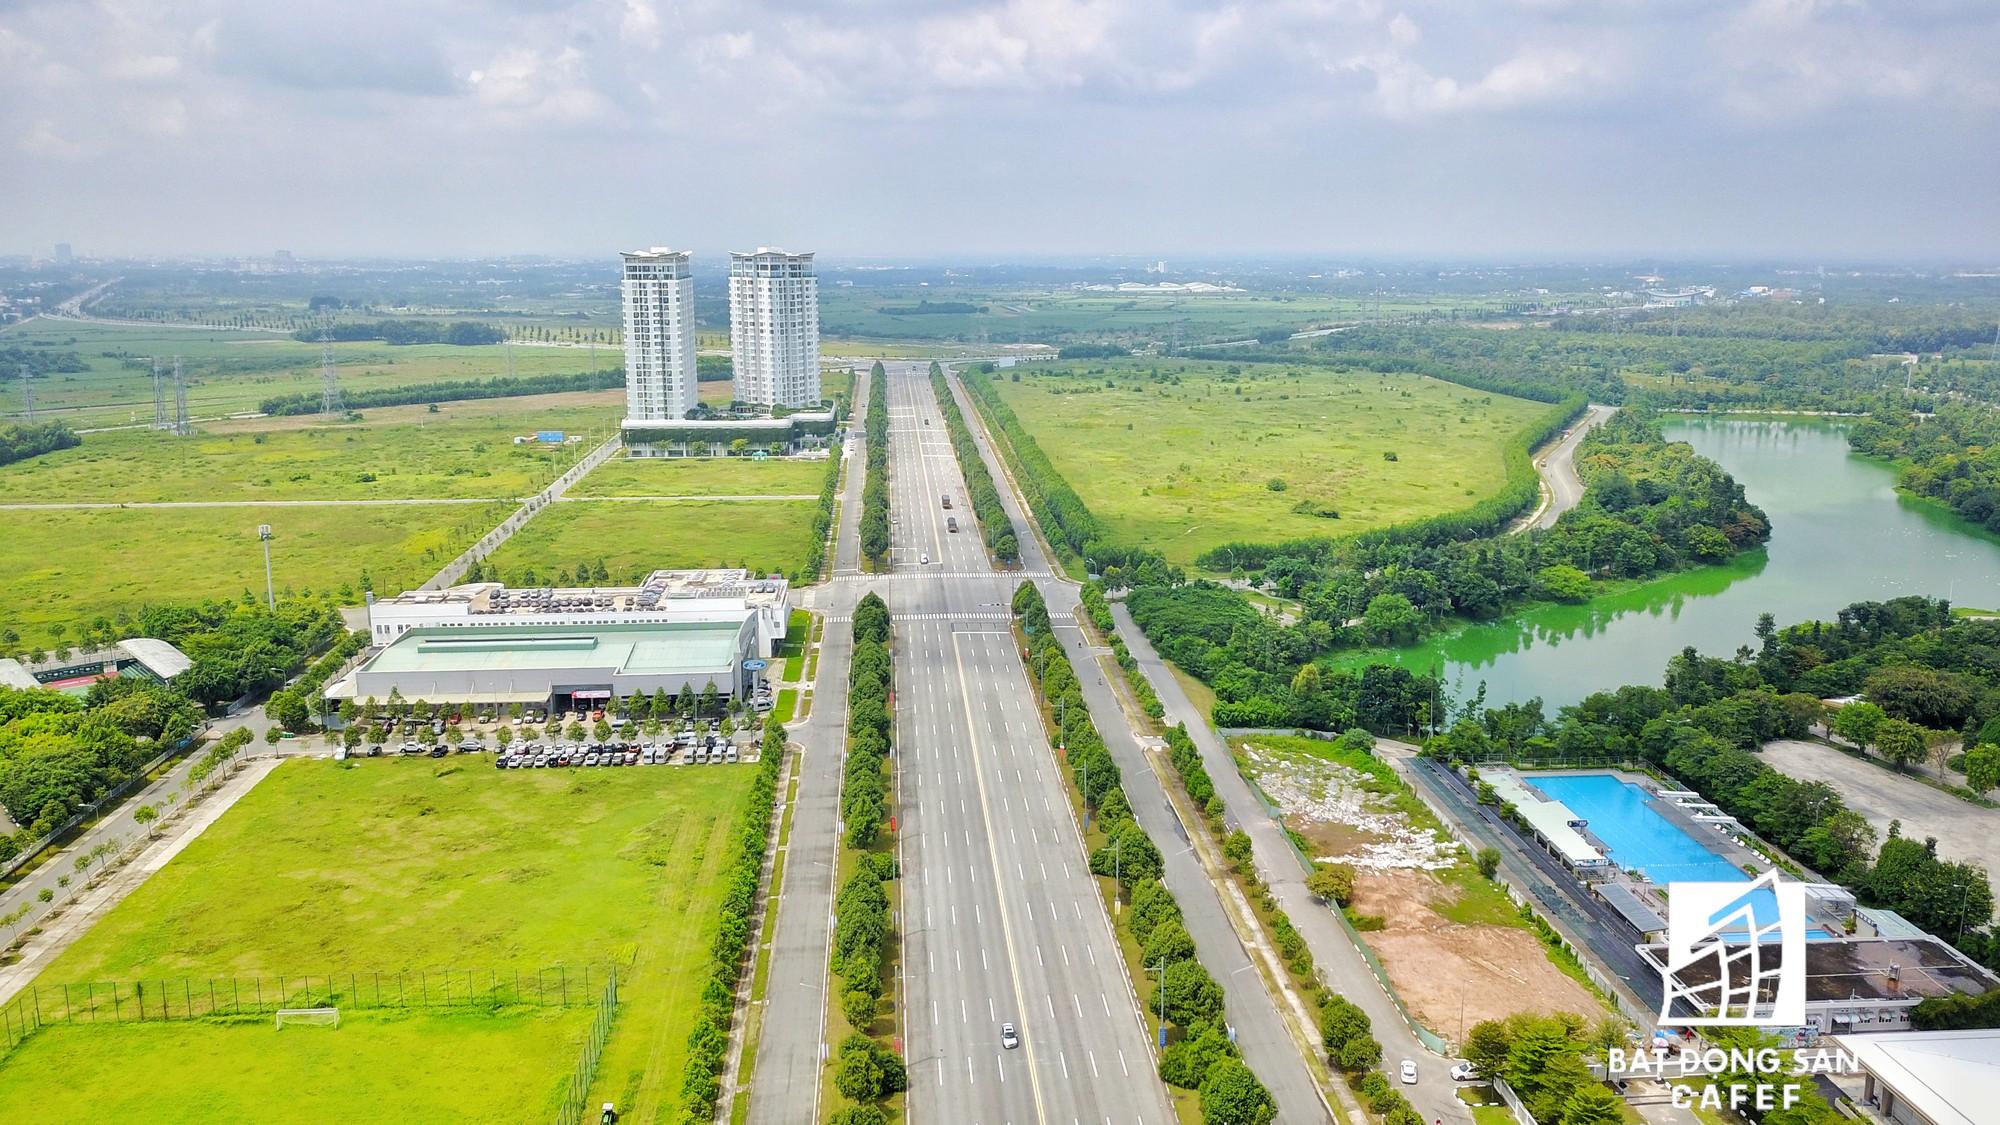 Được biết, để xây dựng siêu dự án này, Becamex đã phải mang hàng chục nghìn m2 đường đã hoàn thiện cầm cố ngân hàng.